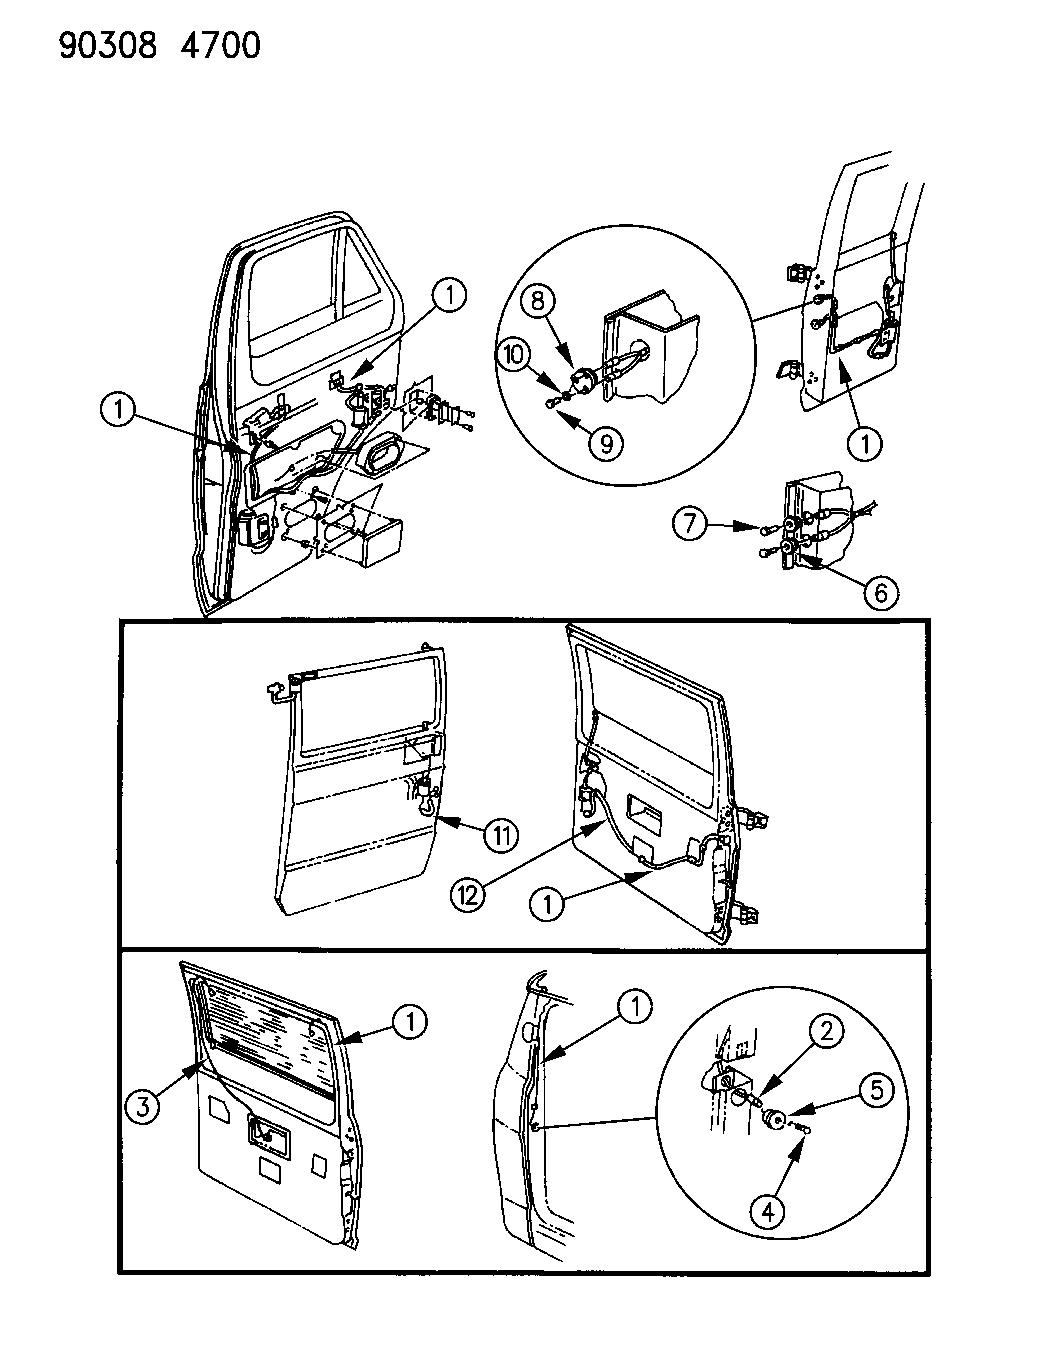 1990 Dodge Ram Van Wiring - Door